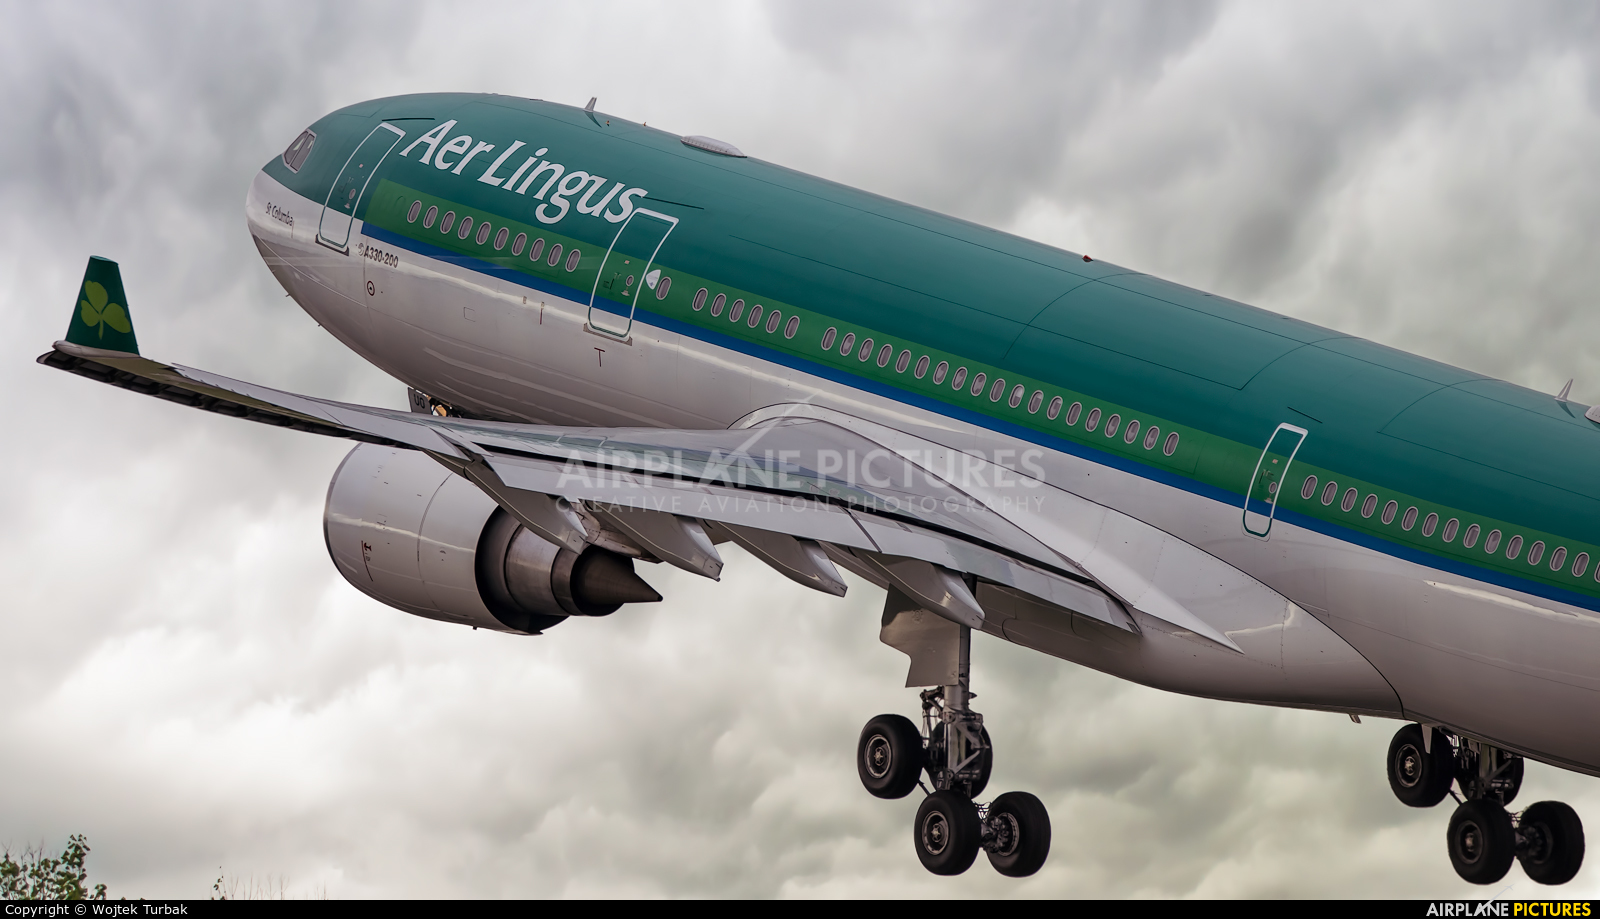 Aer Lingus EI-DUO aircraft at Dublin